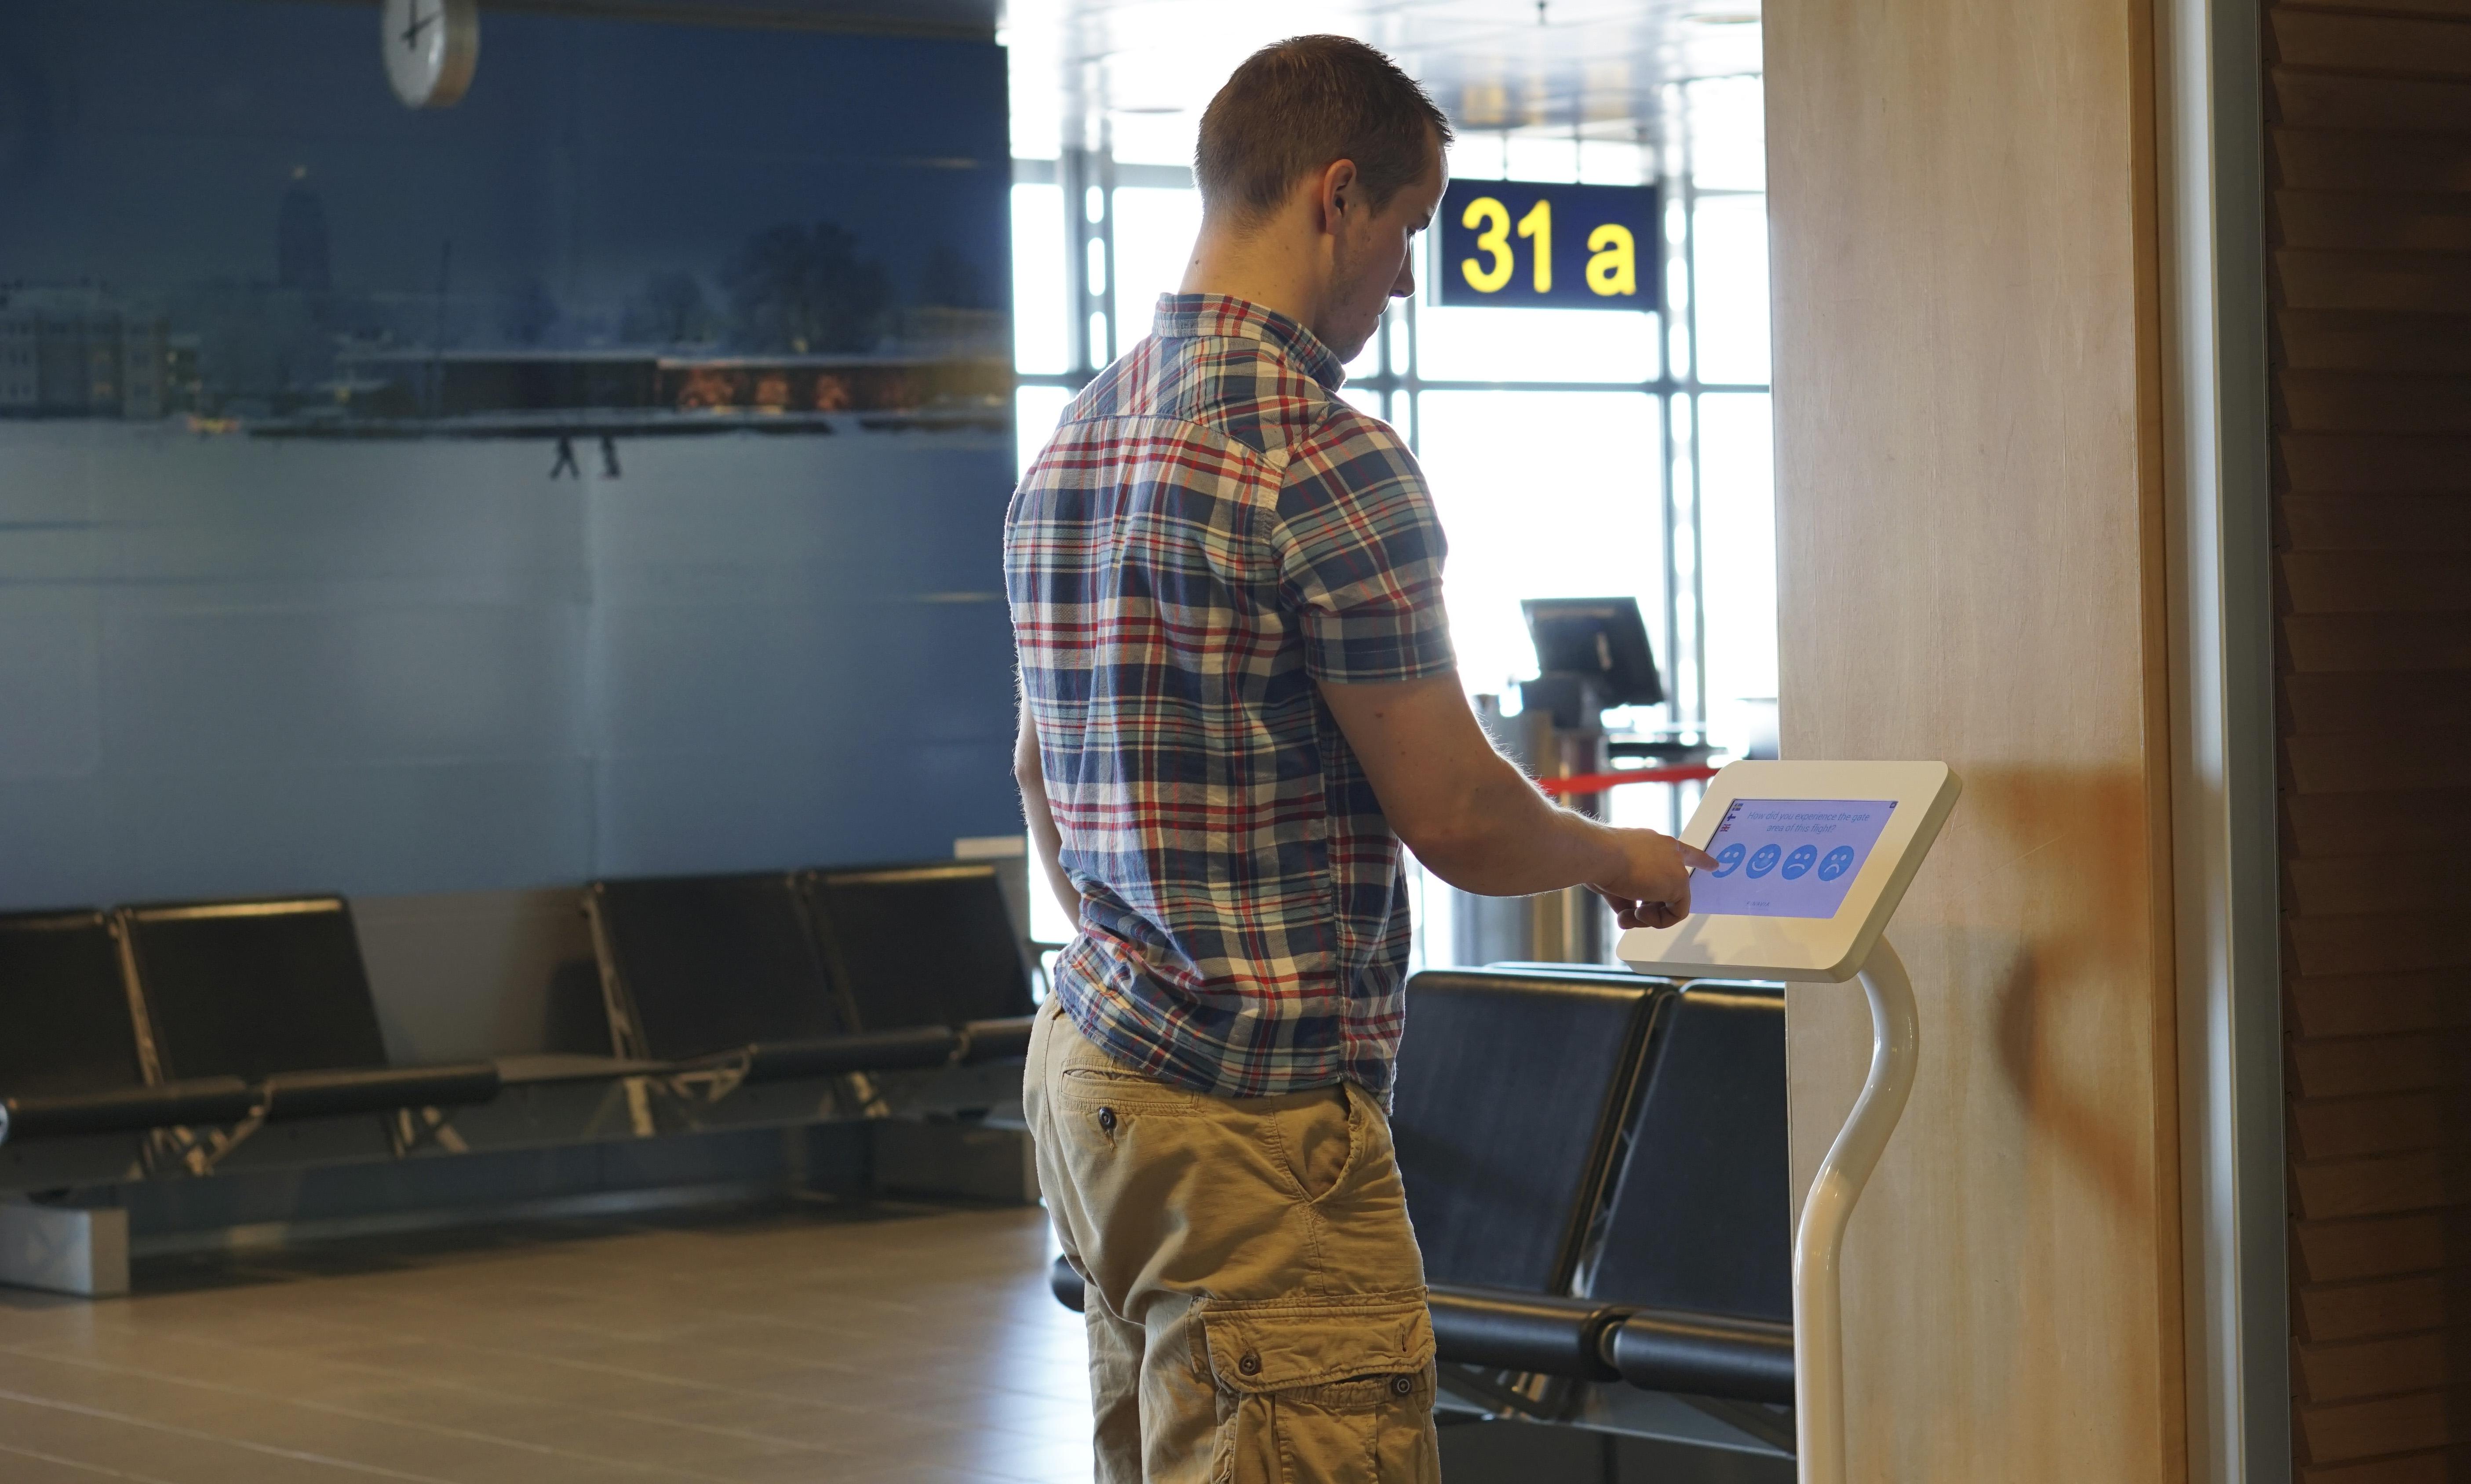 asiakastarinat, finavia, helsinki airport, asiakaskokemus, customer experience